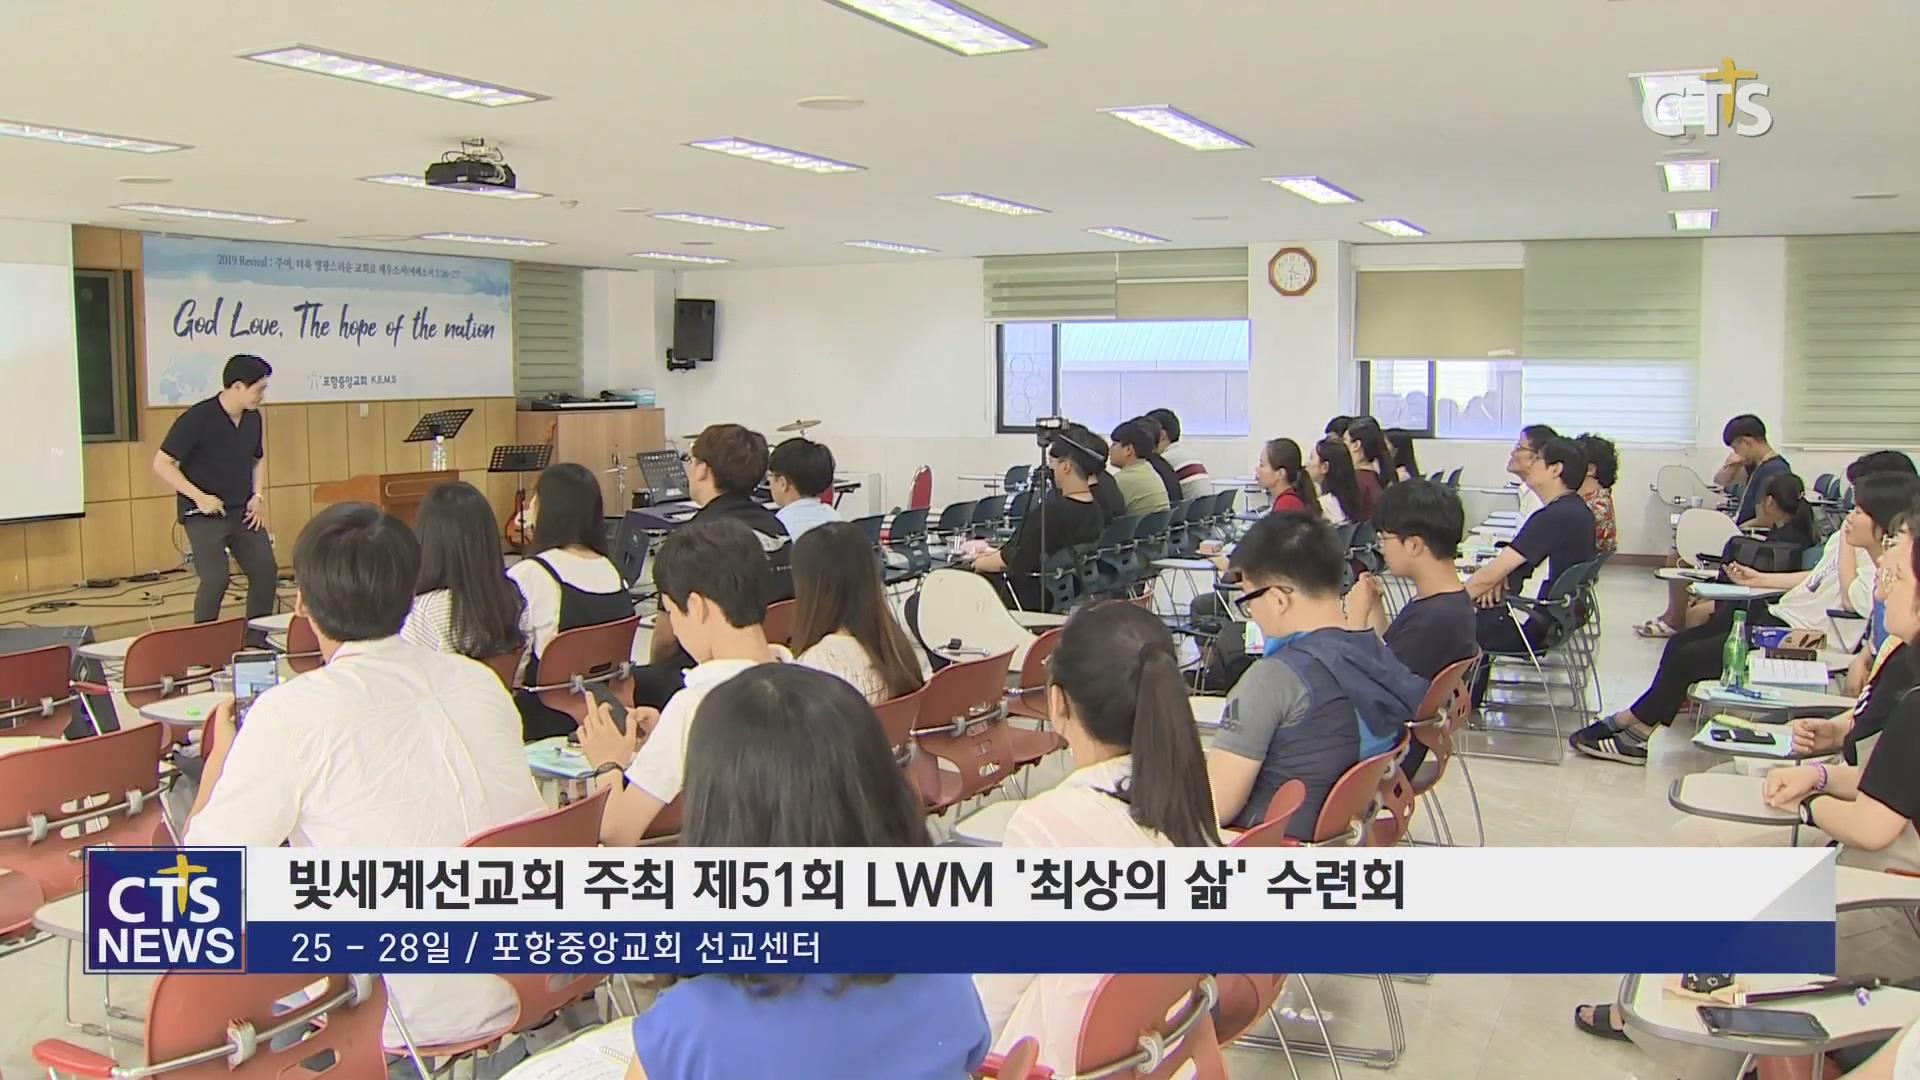 빛세계선교회 주최 제51회 LWM 최상의 삶 수련회